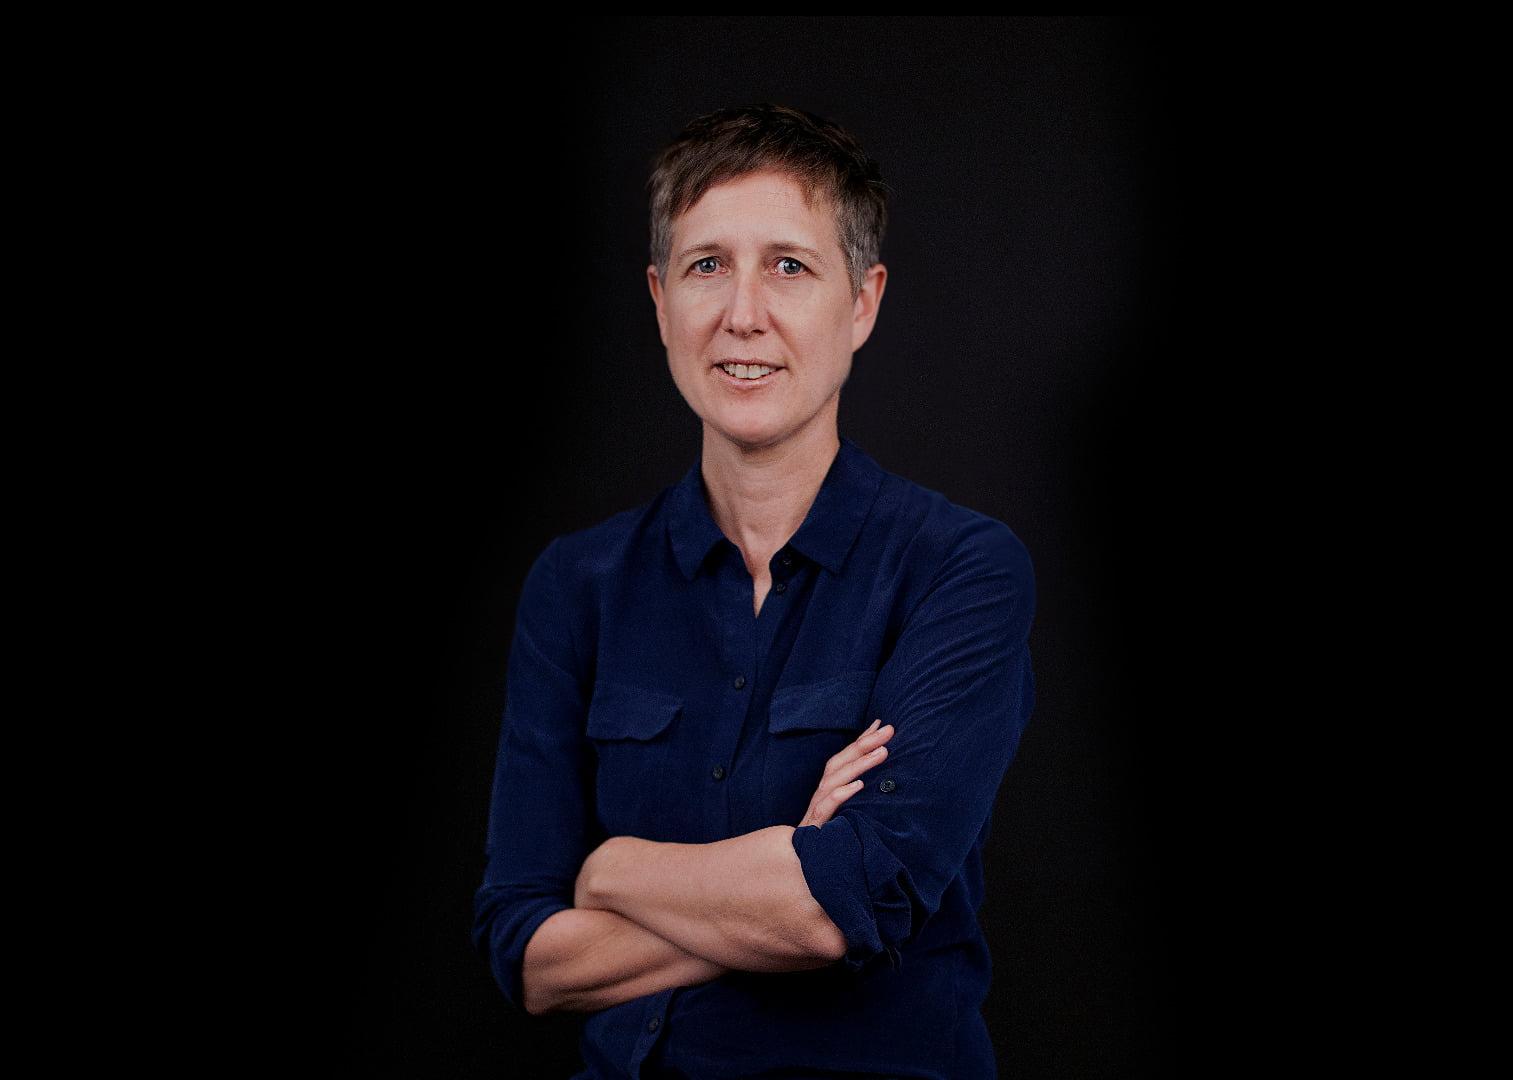 ACTU leader Sally McManus.